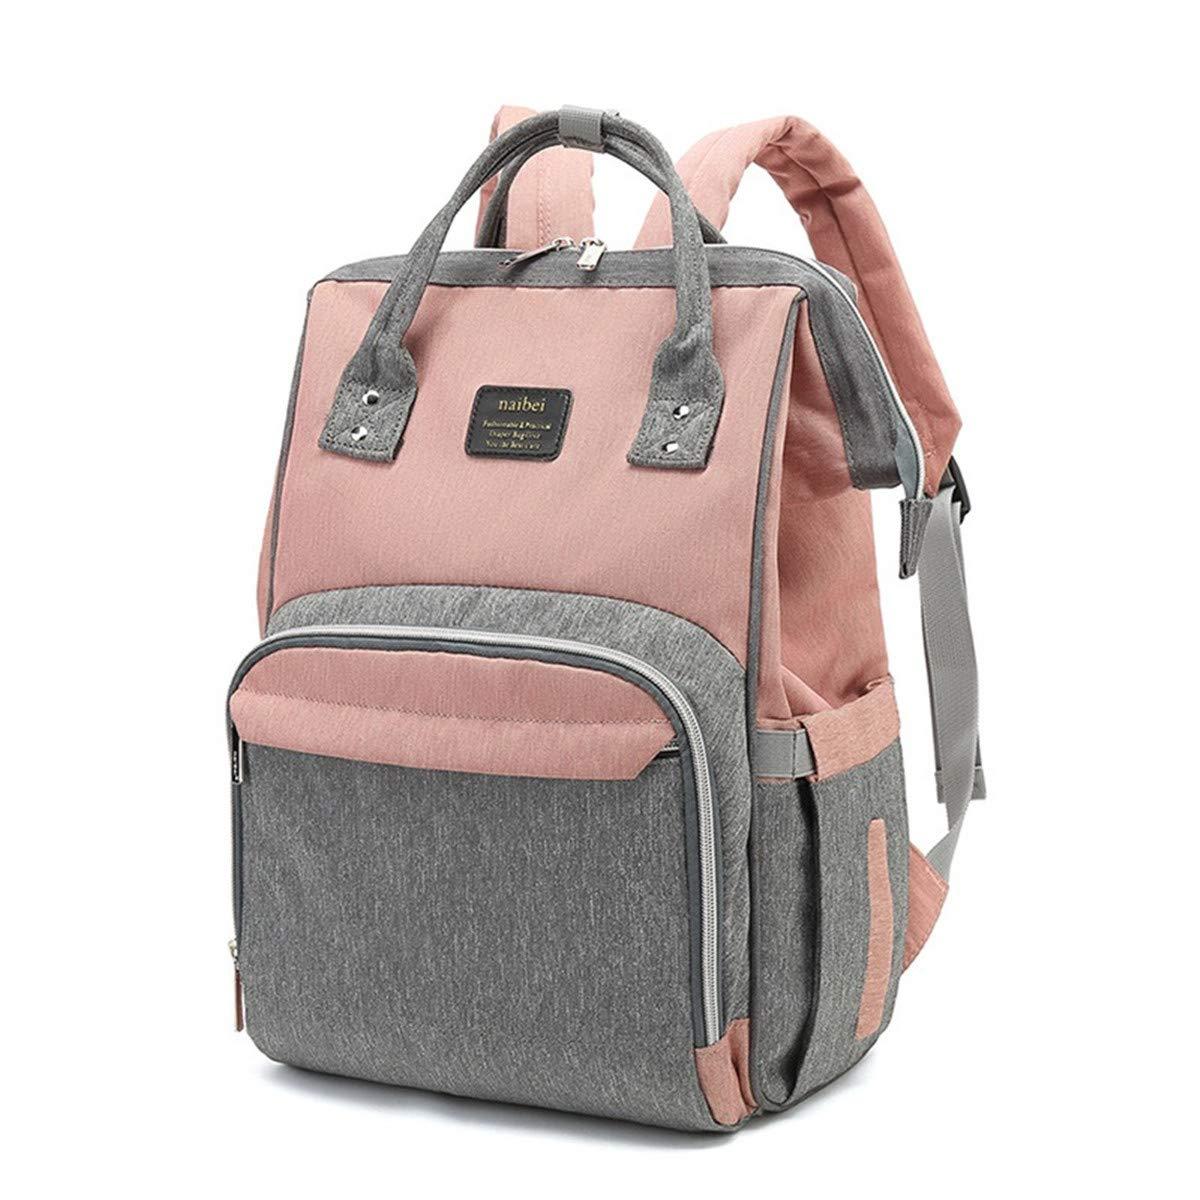 elegante y duradera Abby Girls La bolsa de pa/ñales multifuncional Mochila de viaje impermeable Bolsas de pa/ñales para el cuidado del beb/é de gran capacidad